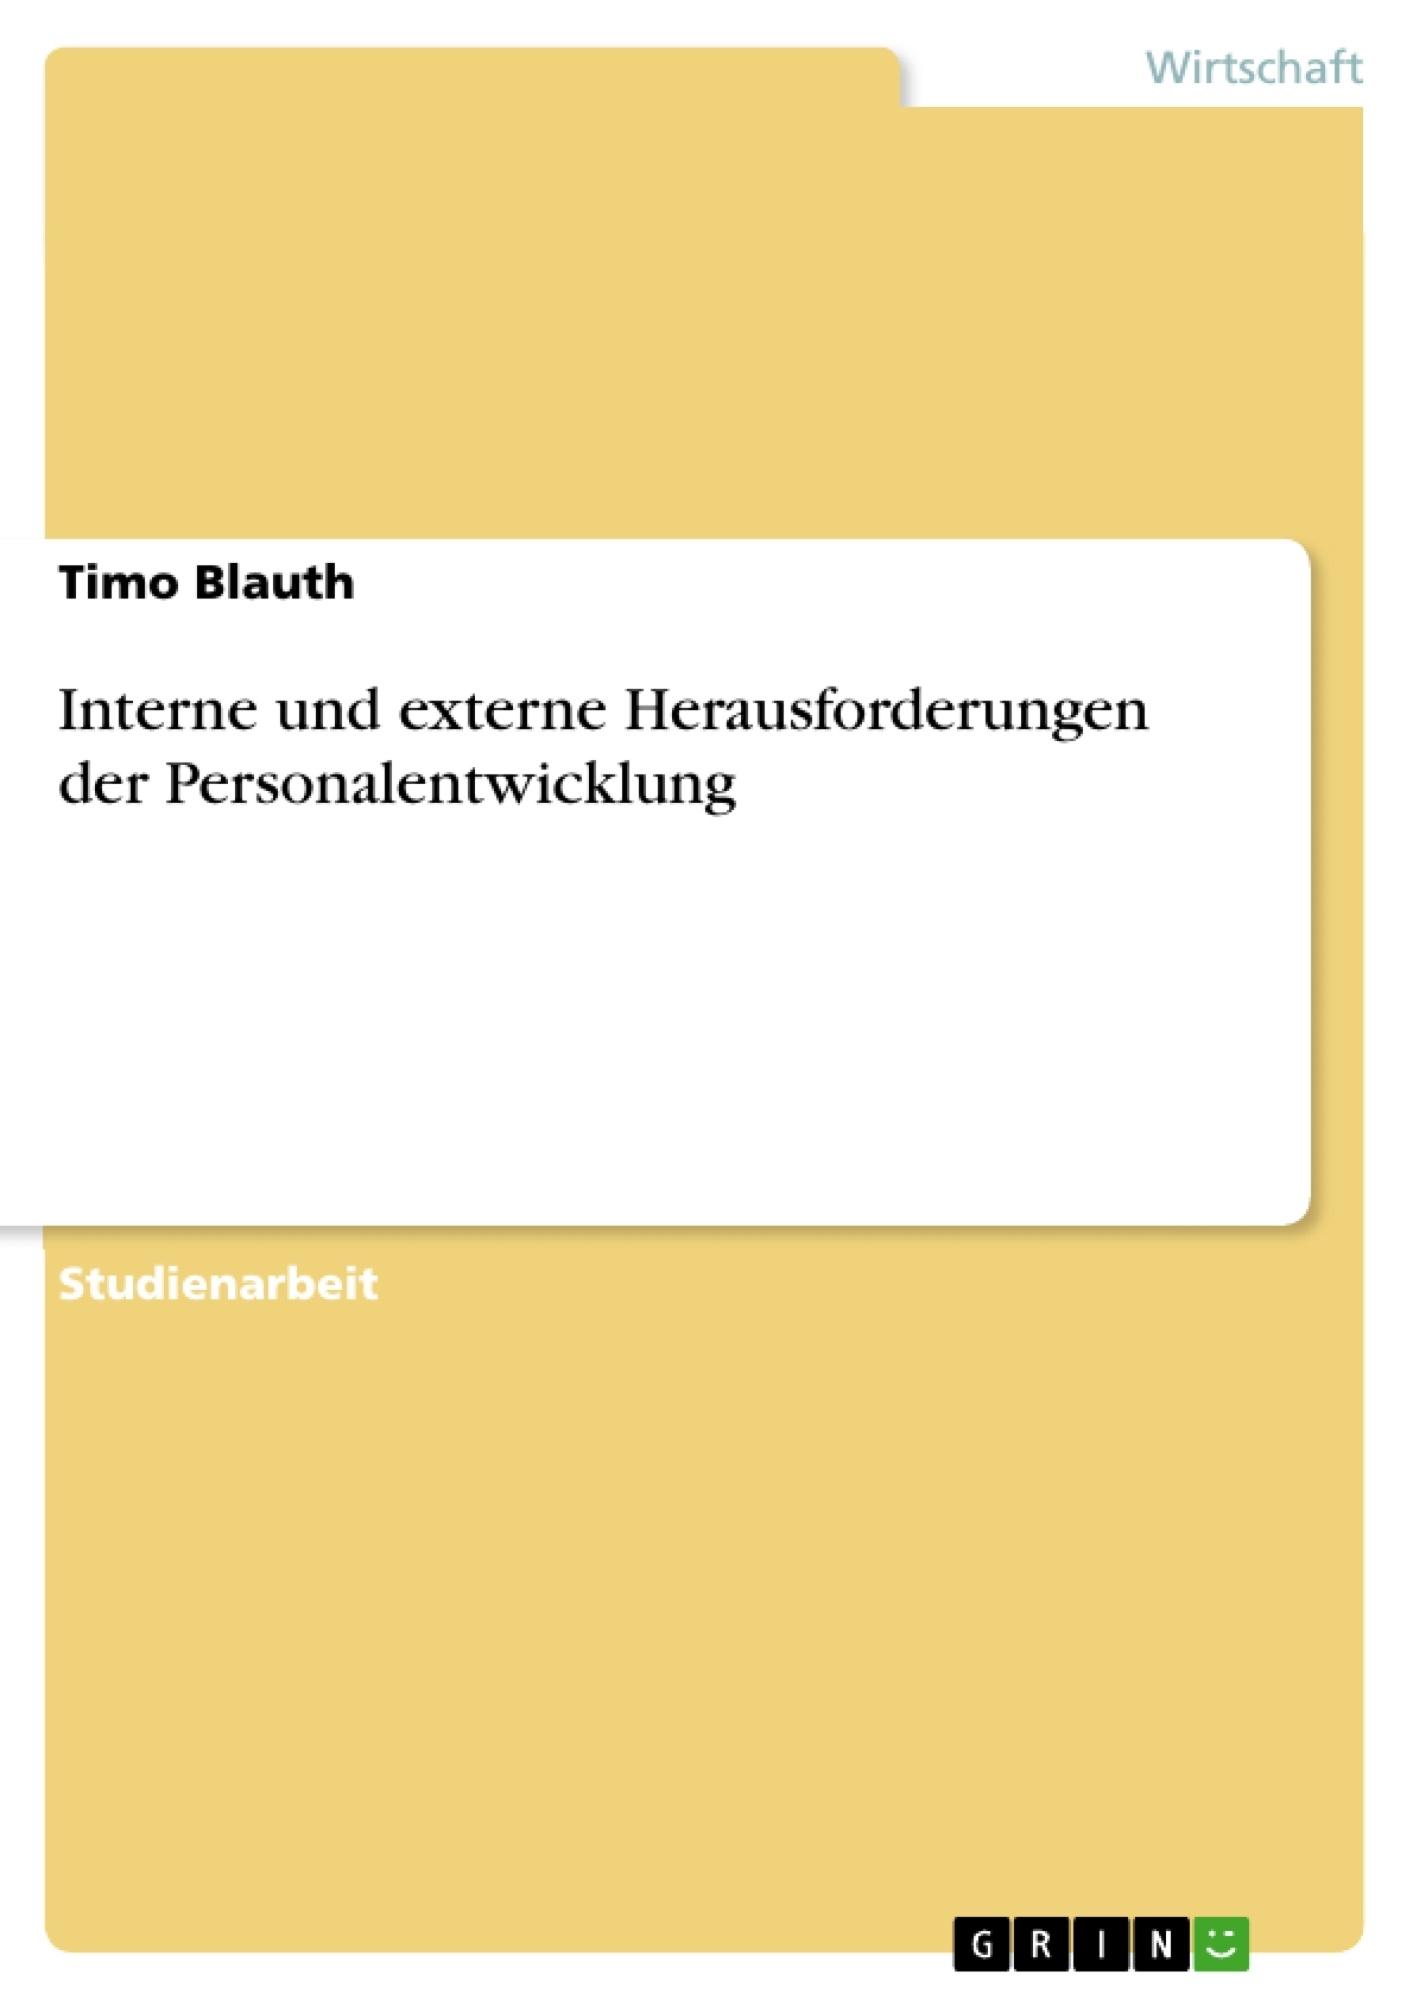 Titel: Interne und externe Herausforderungen der Personalentwicklung